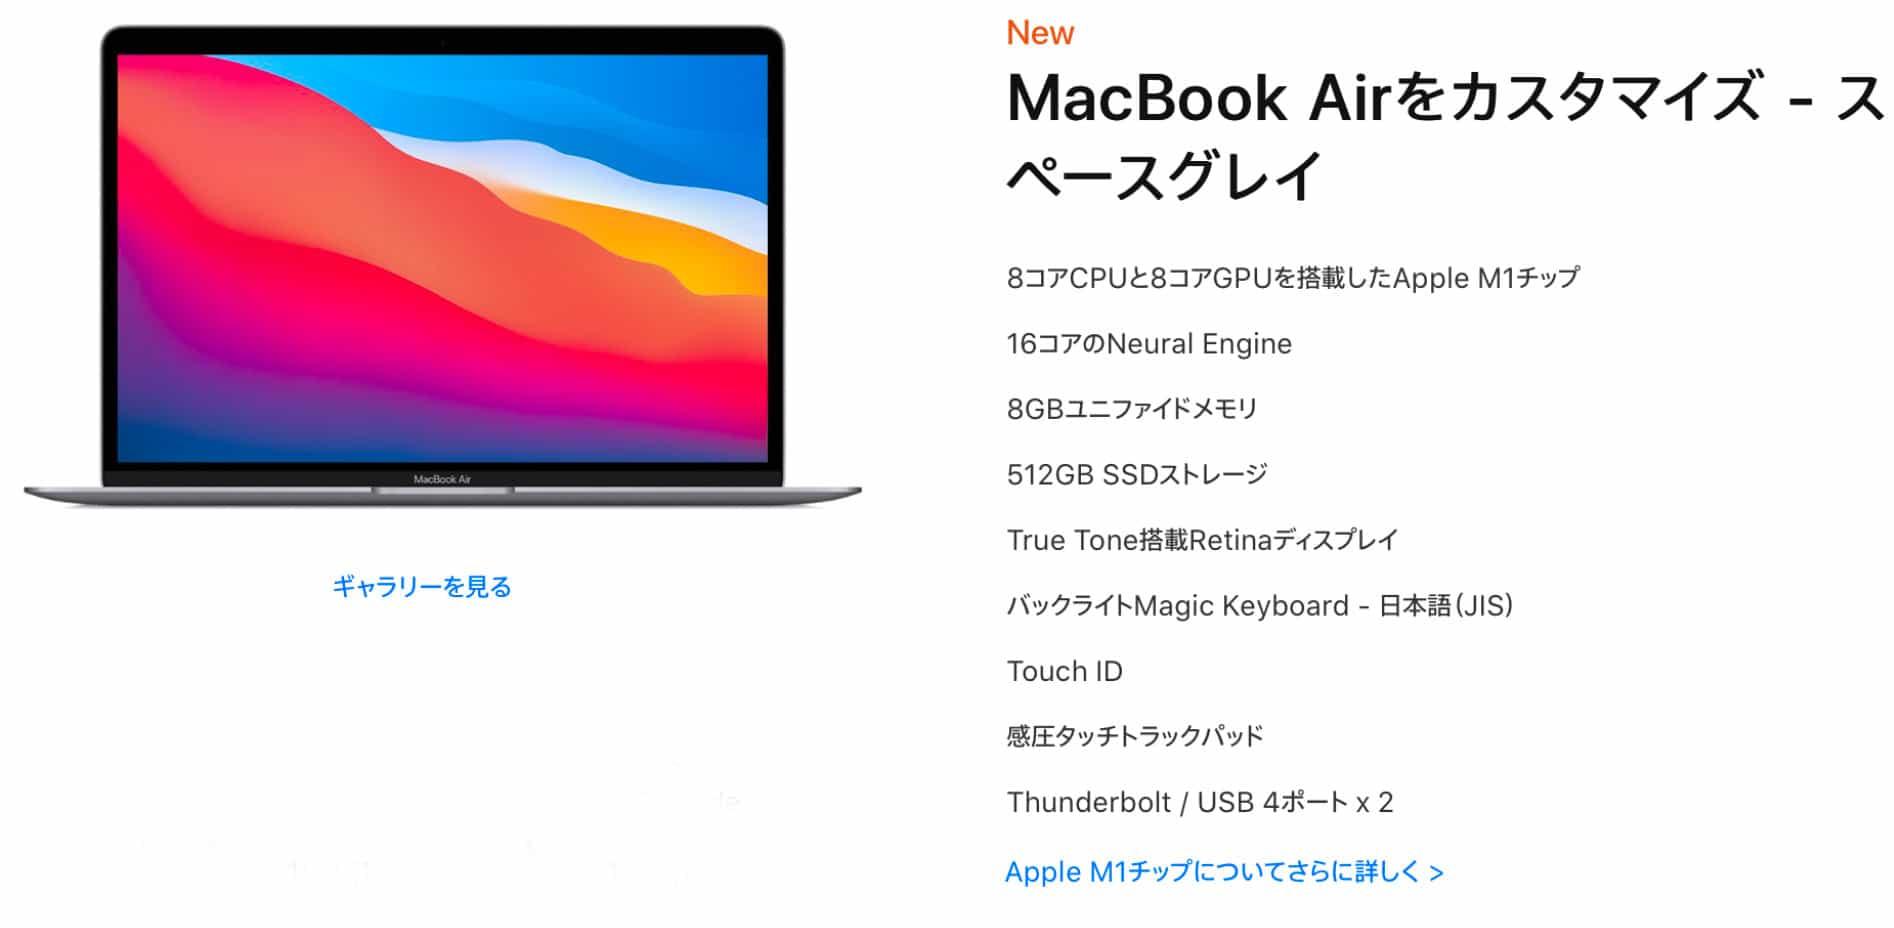 13インチ MacBook Air(M1チップ 上位モデル)